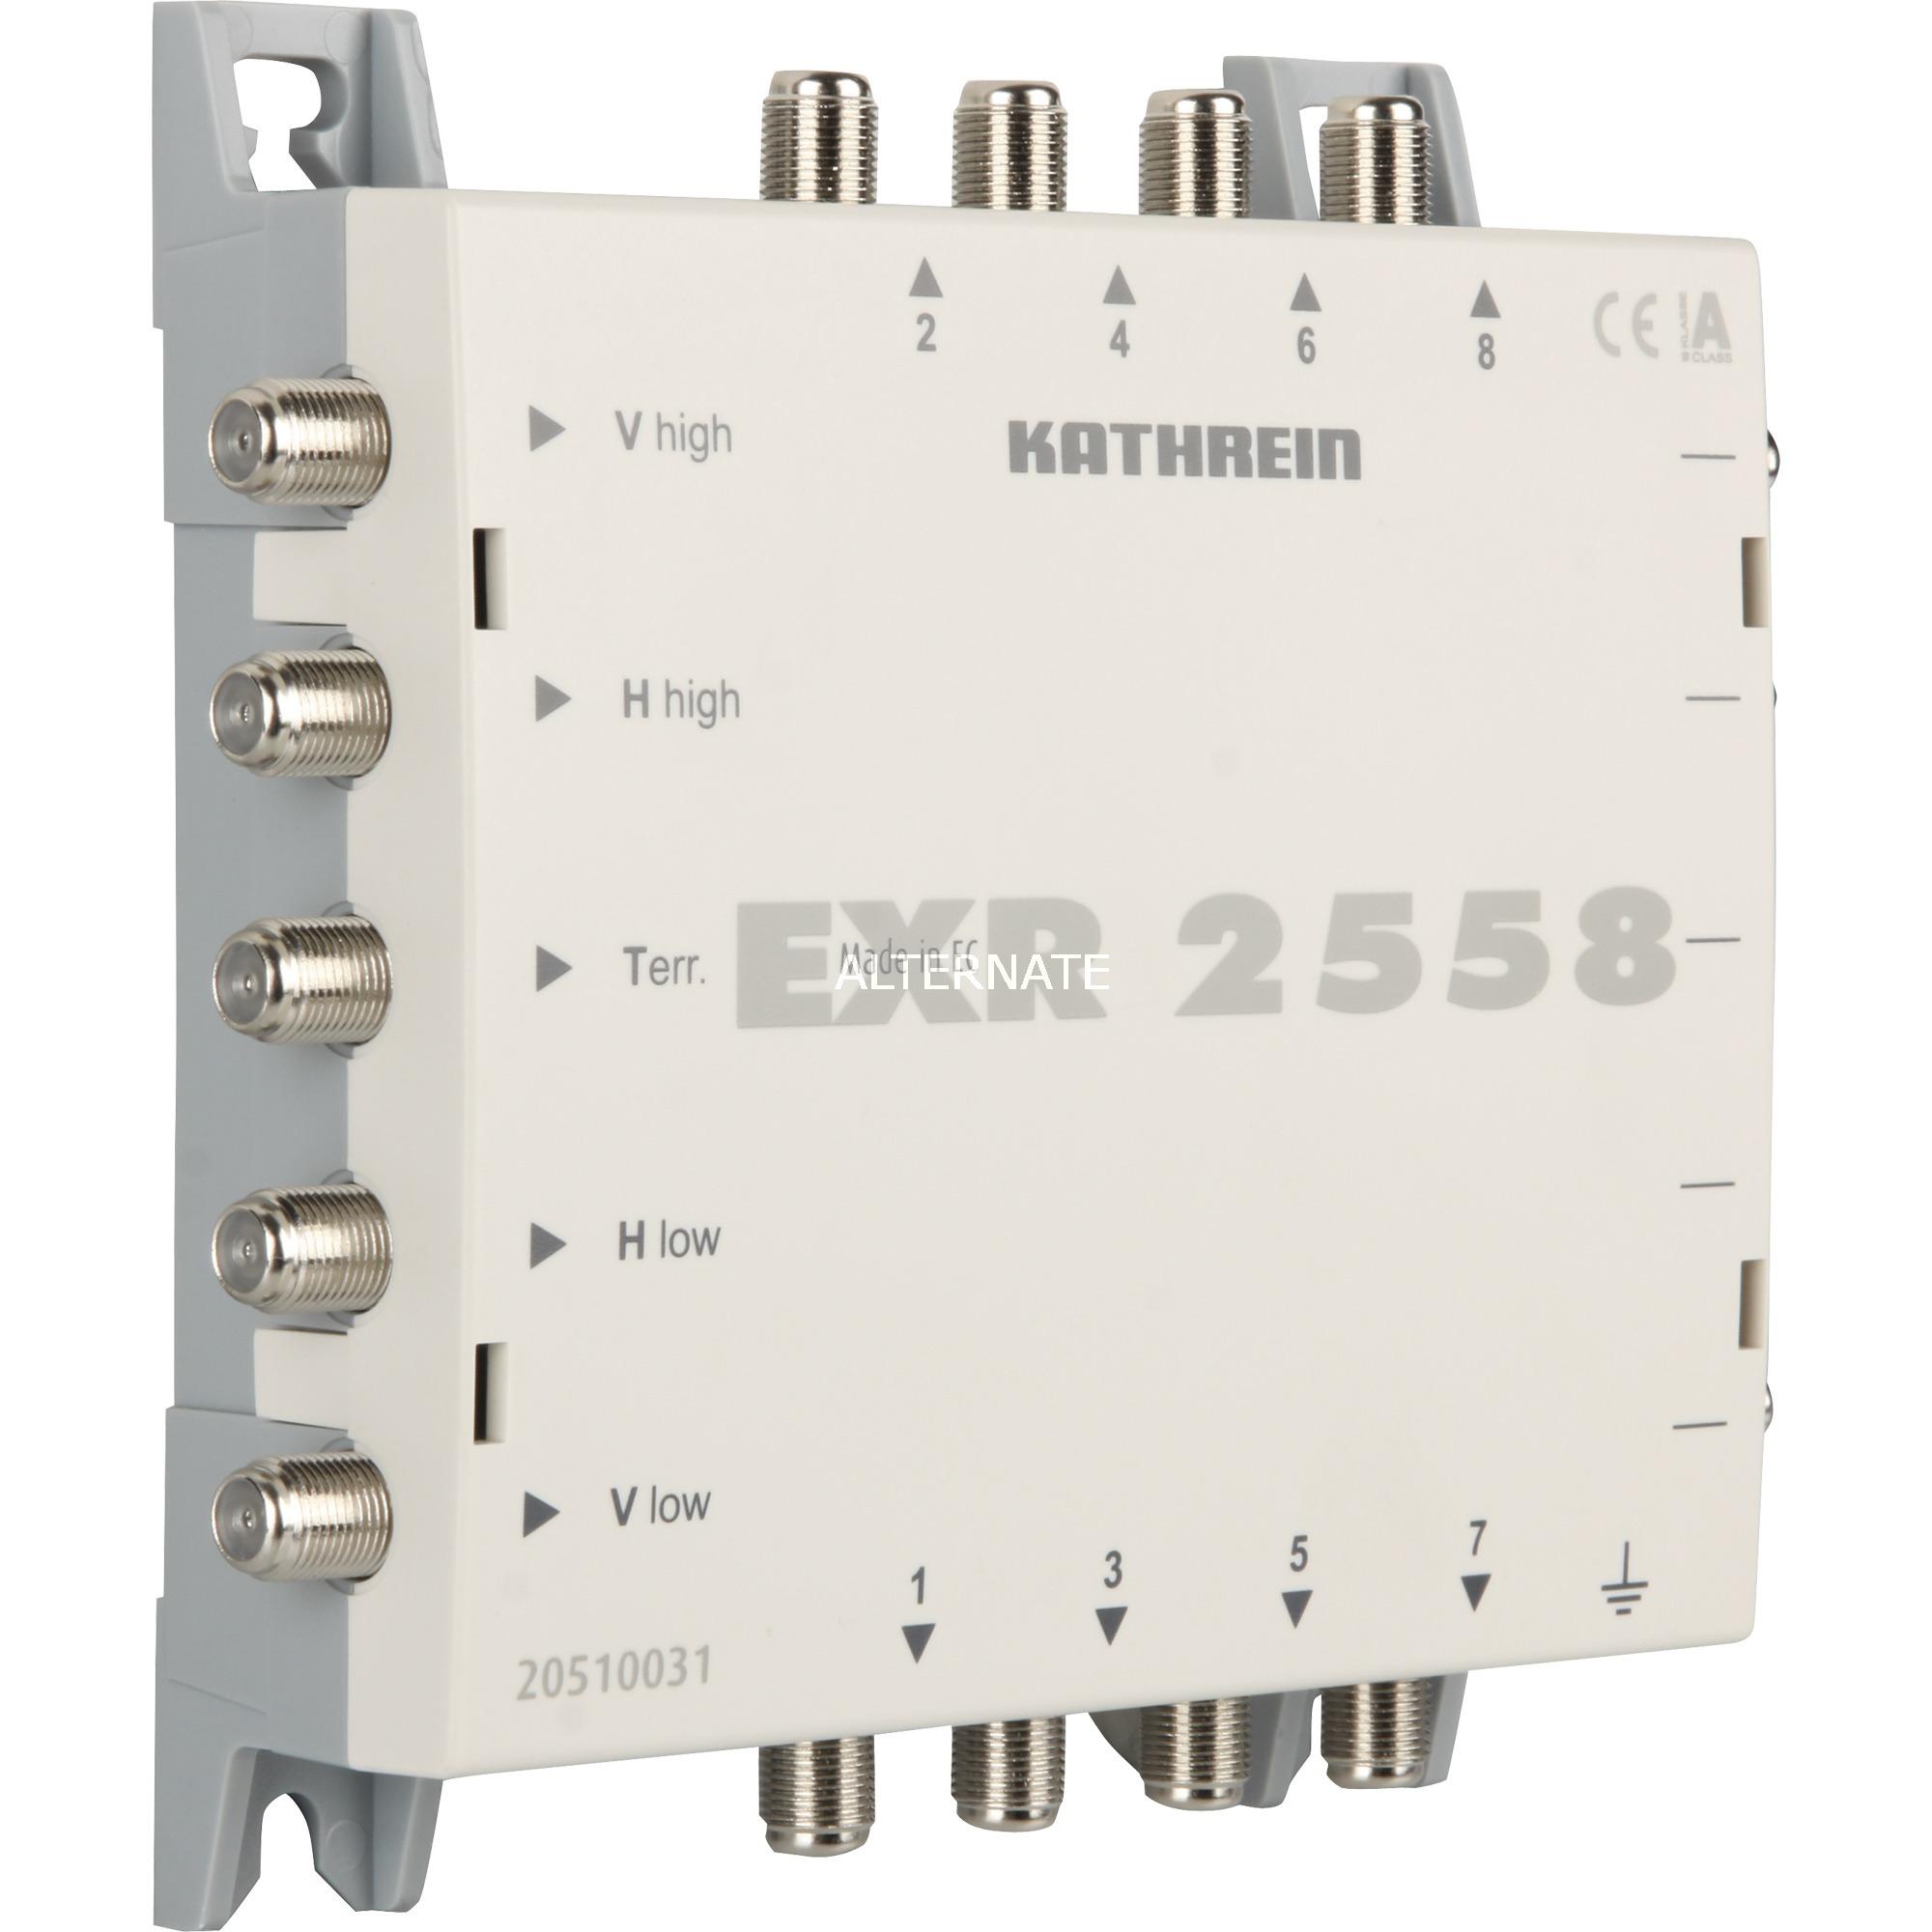 EXR 2558 5entrées 8sorties commutateur multiple satellite, Multi commutateur